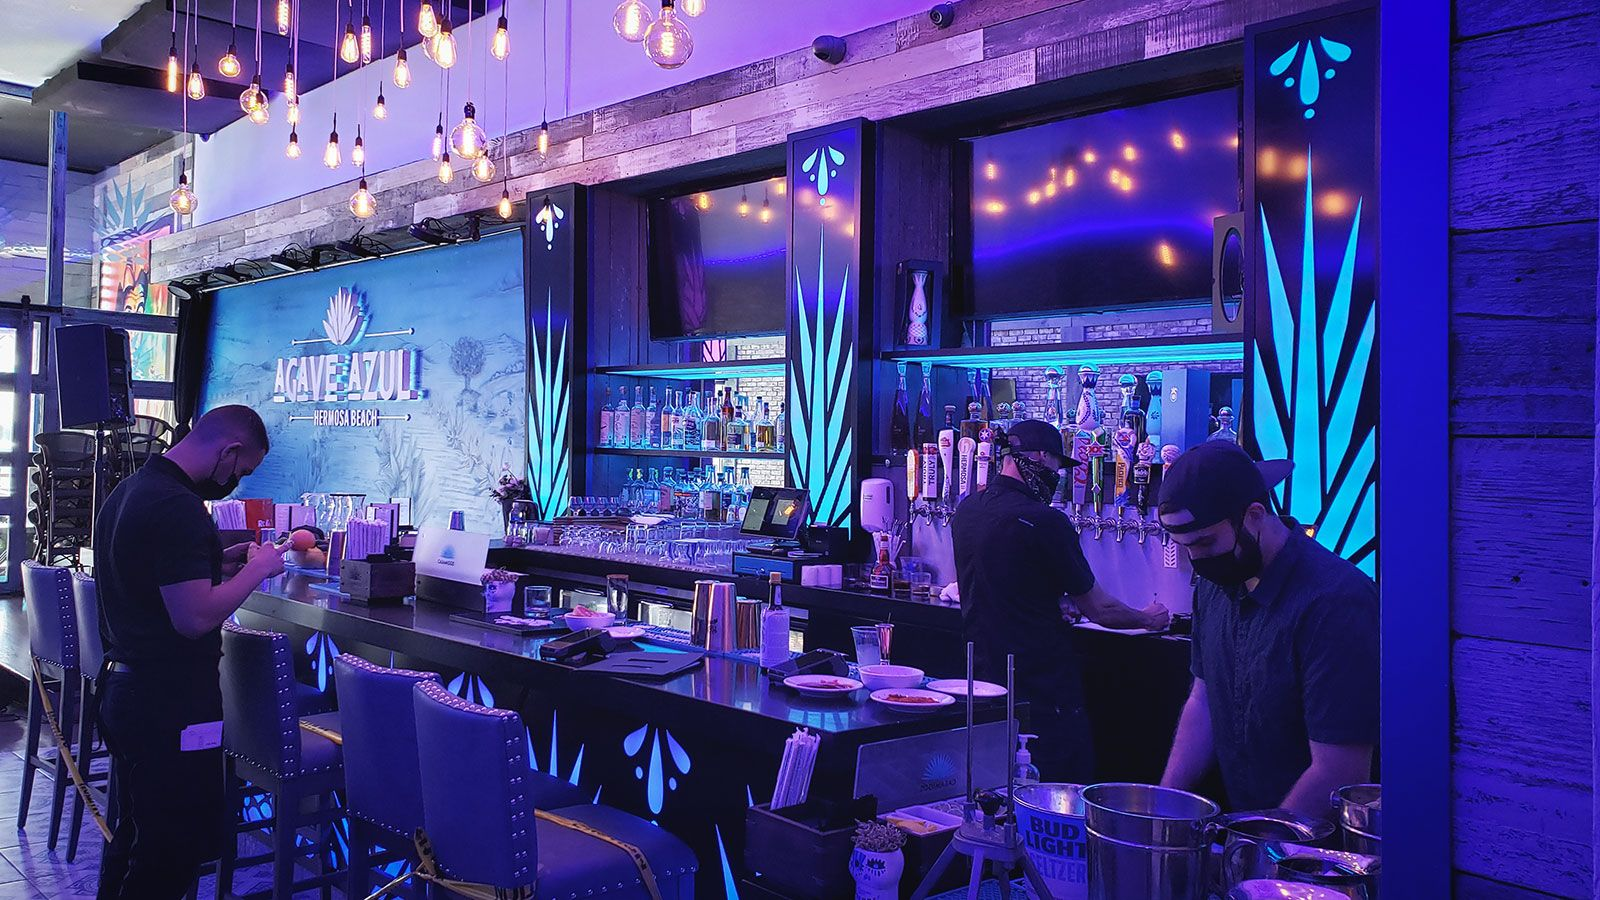 Agave azul custom LED signs